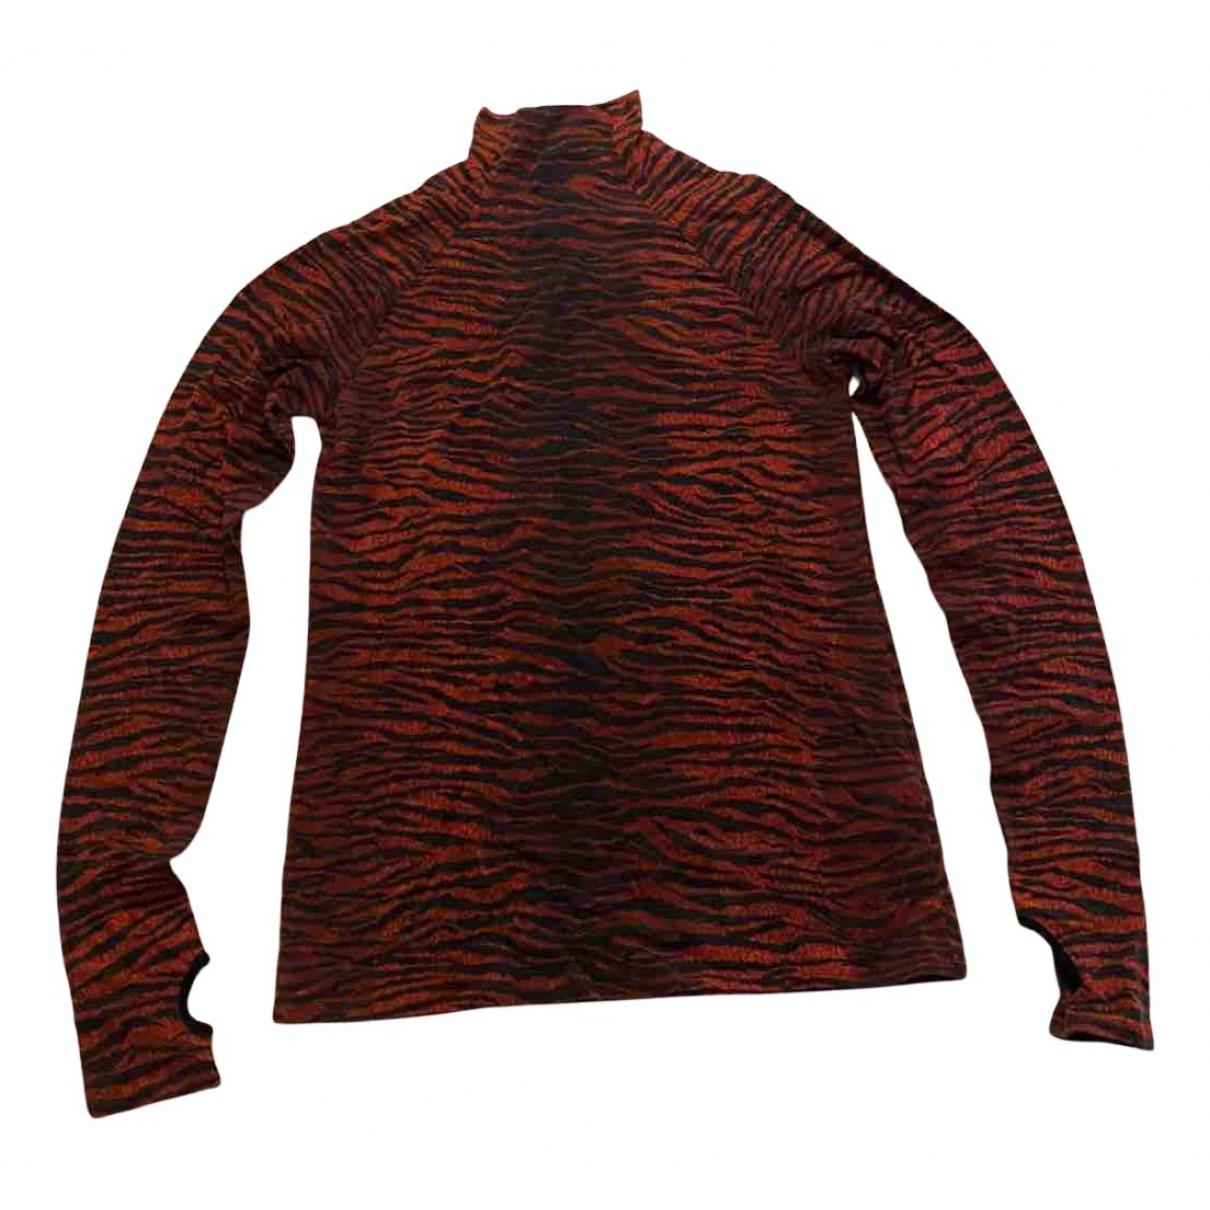 Kenzo X H&m - Top   pour femme en laine - rouge